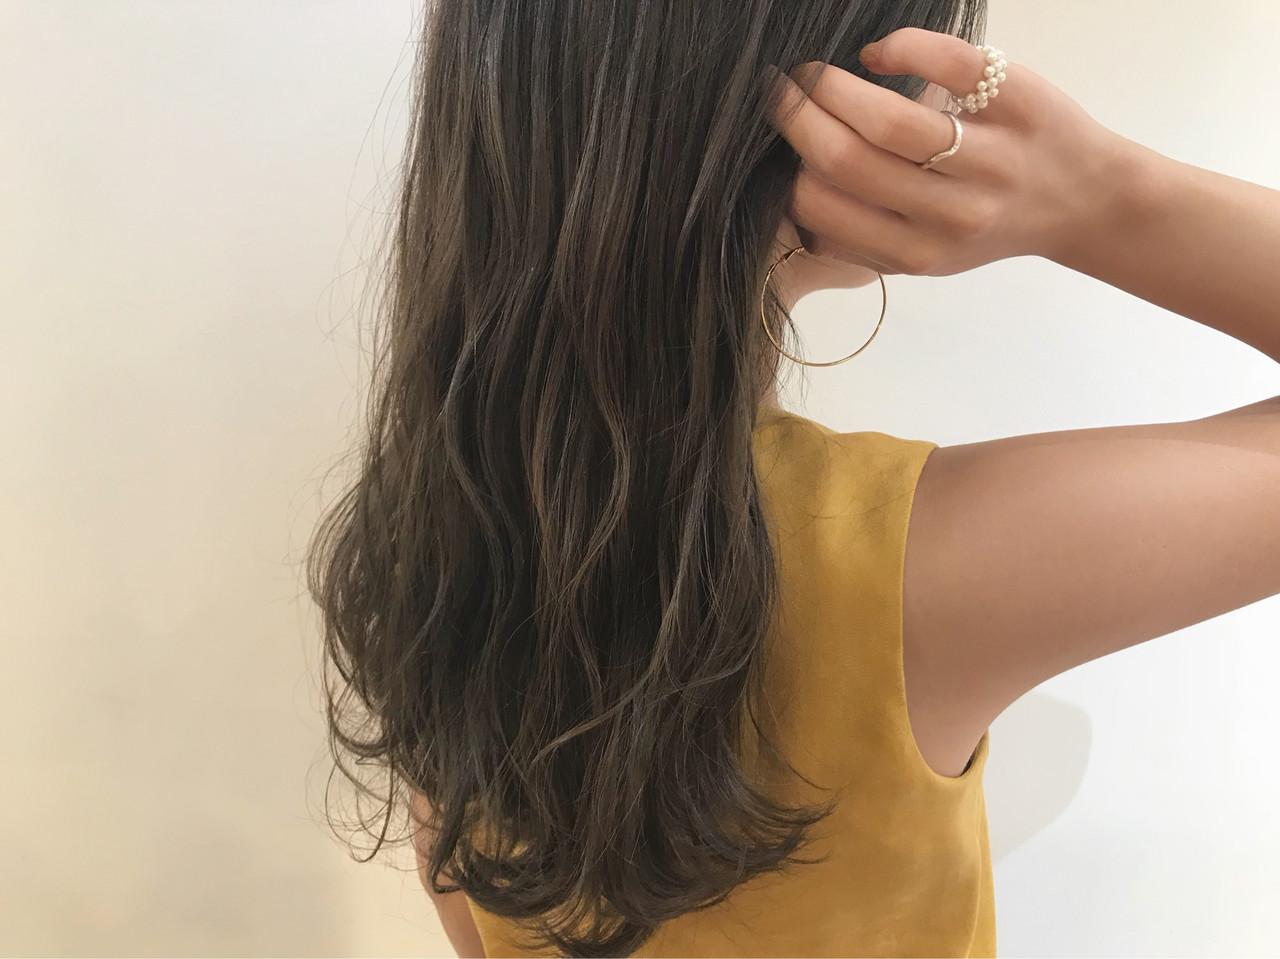 透明感カラー ナチュラル 柔らかパーマ デート ヘアスタイルや髪型の写真・画像 | 倉林 洋美 / GOOD DAY HAIR